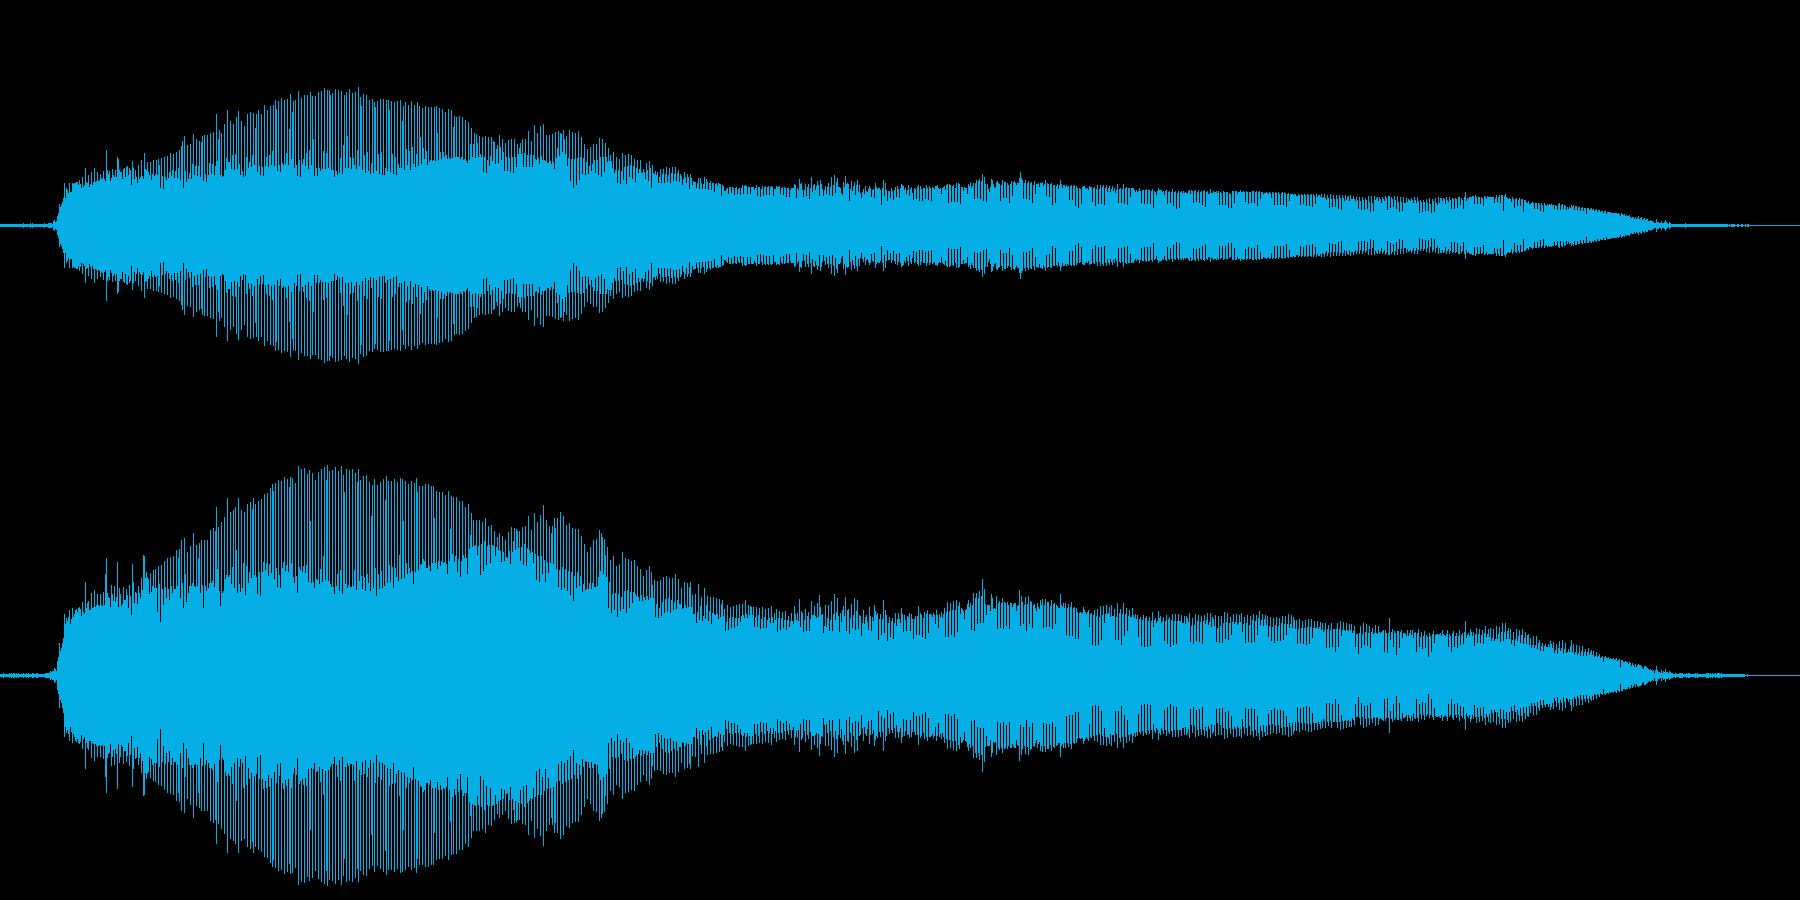 猫の鳴き声(ニャー)の再生済みの波形